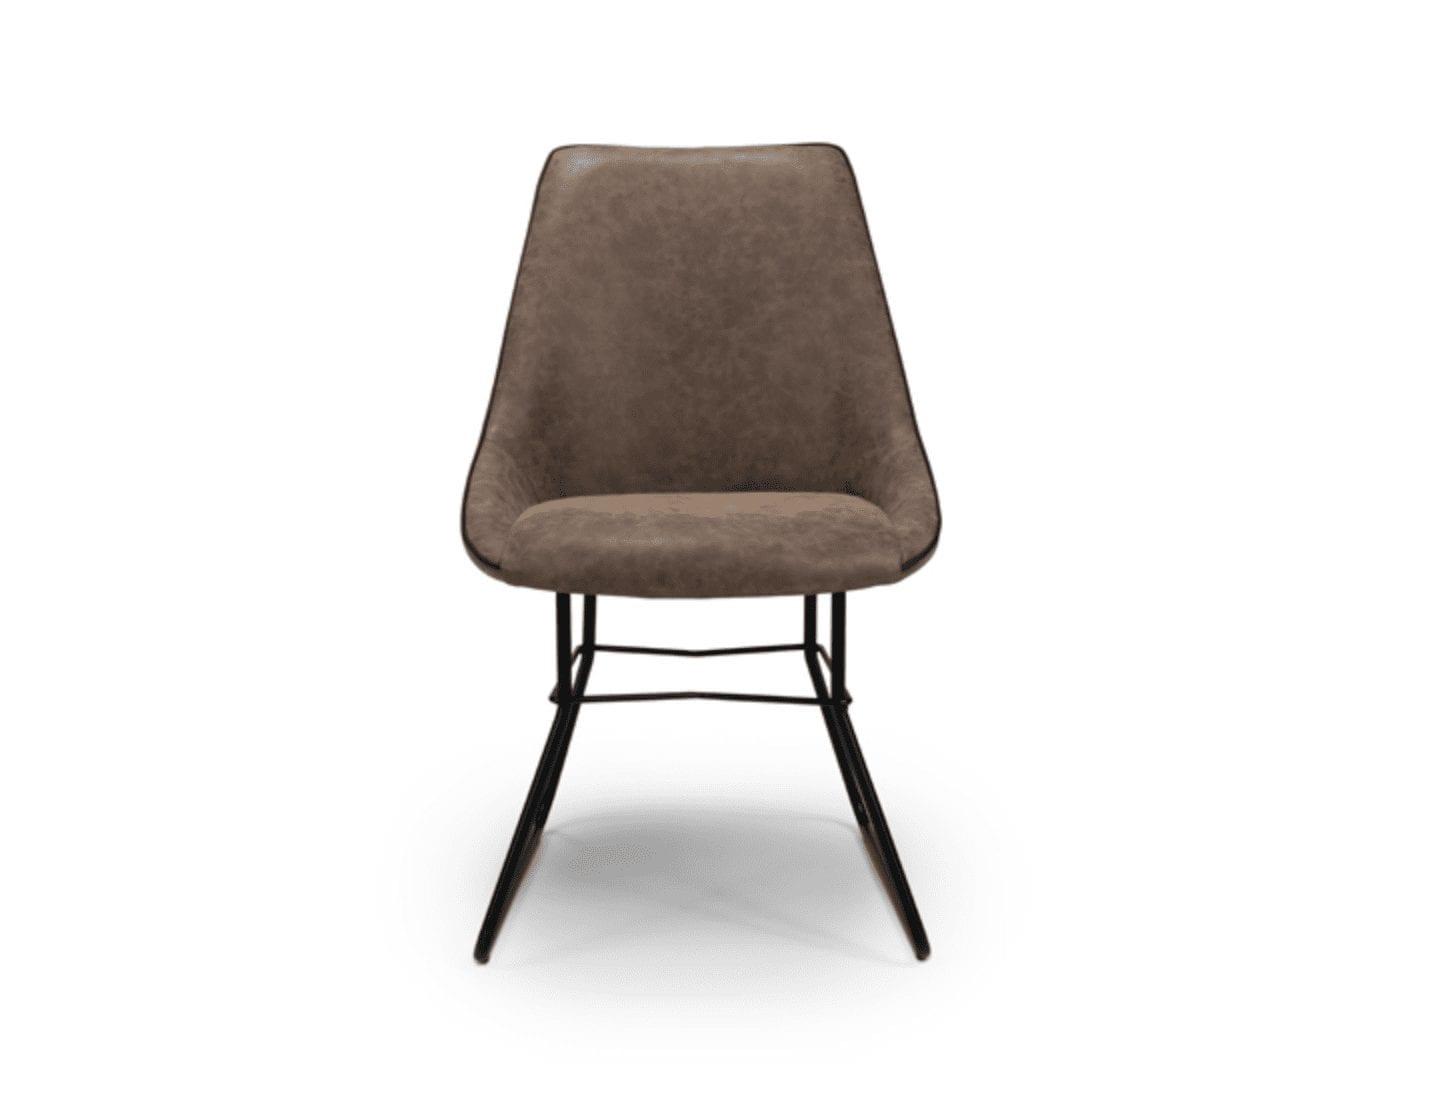 Cooper chair wax tan